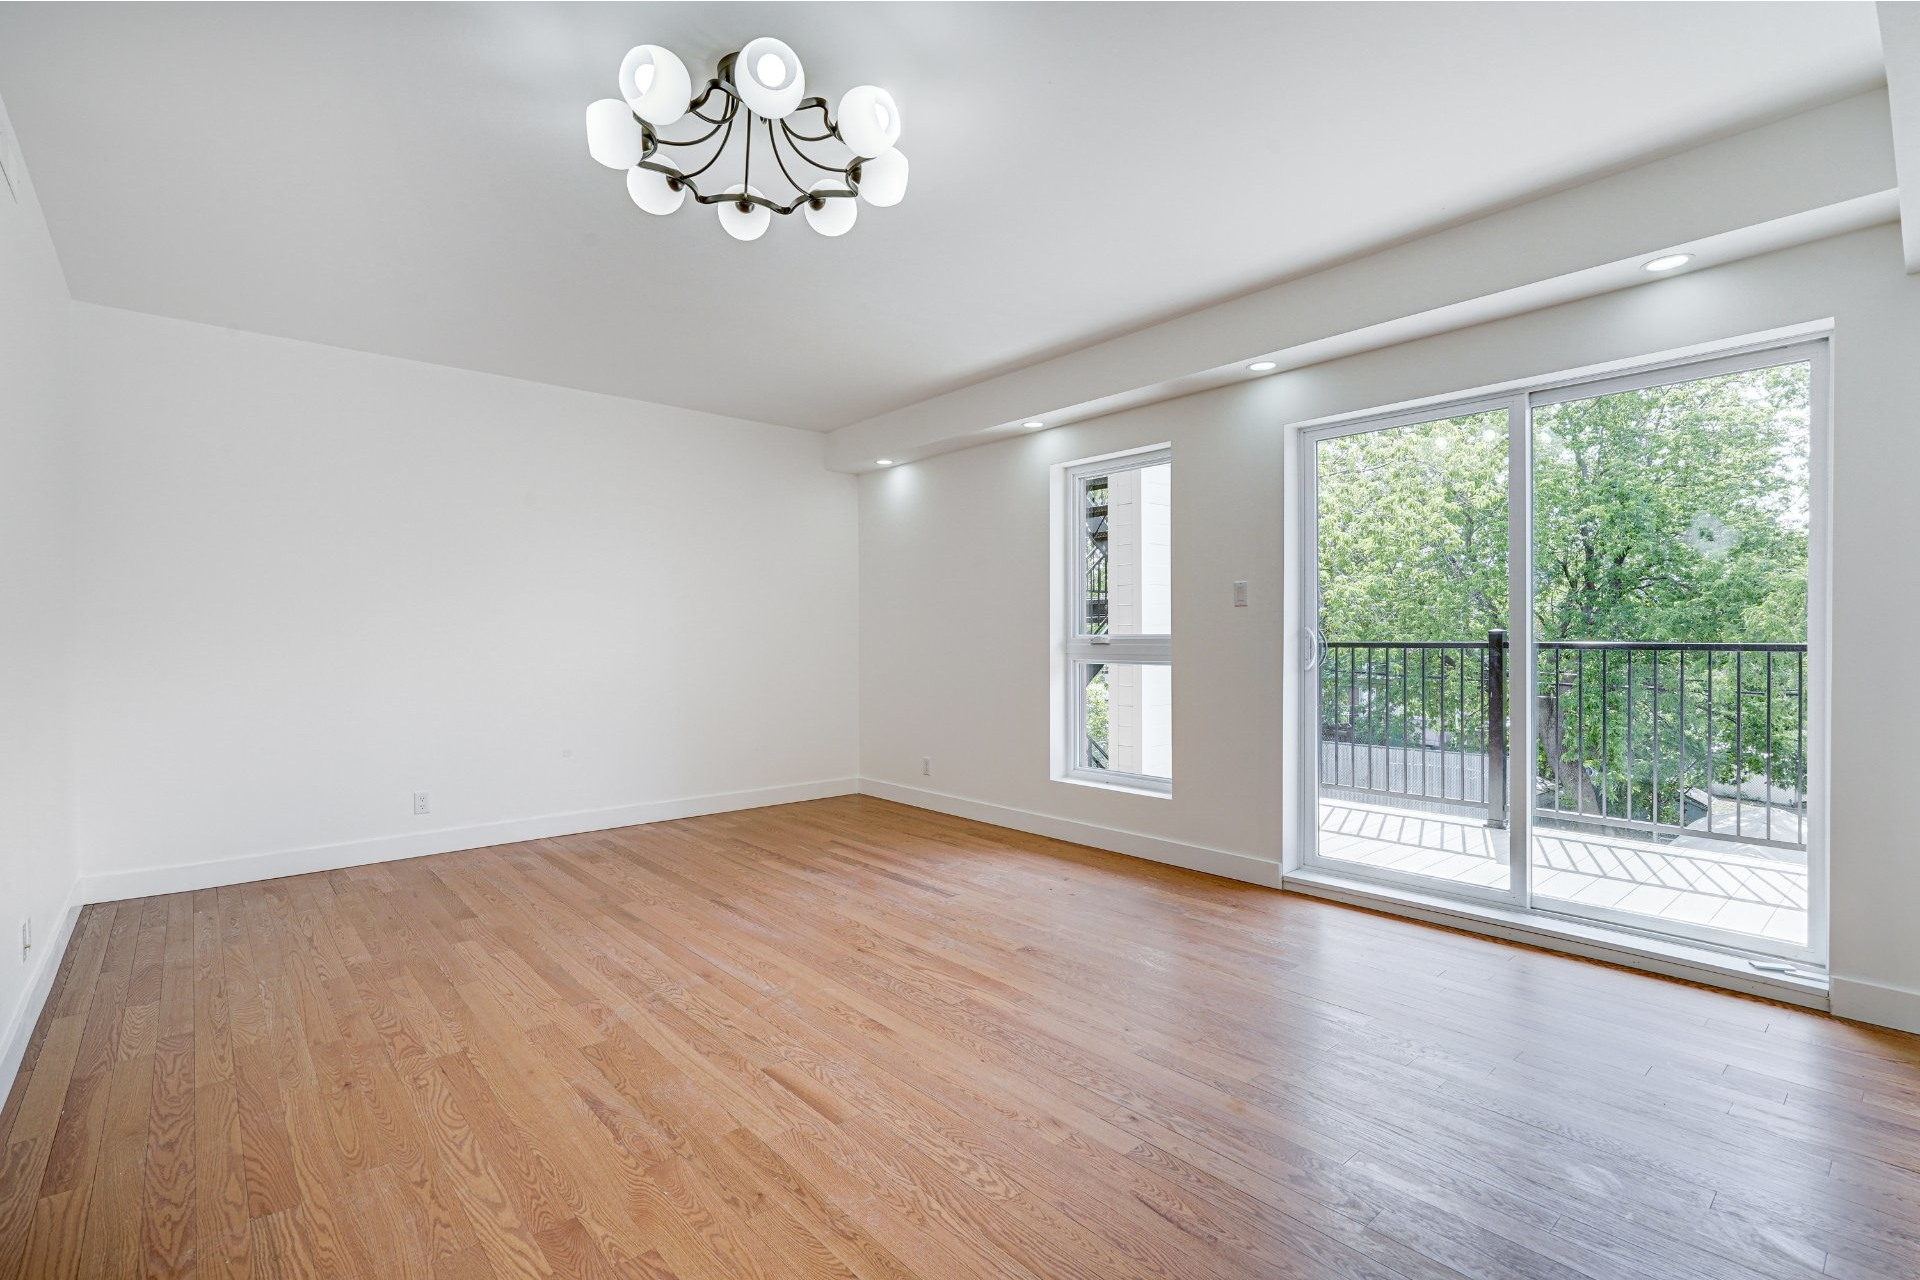 image 15 - Apartment For sale Lachine Montréal  - 6 rooms